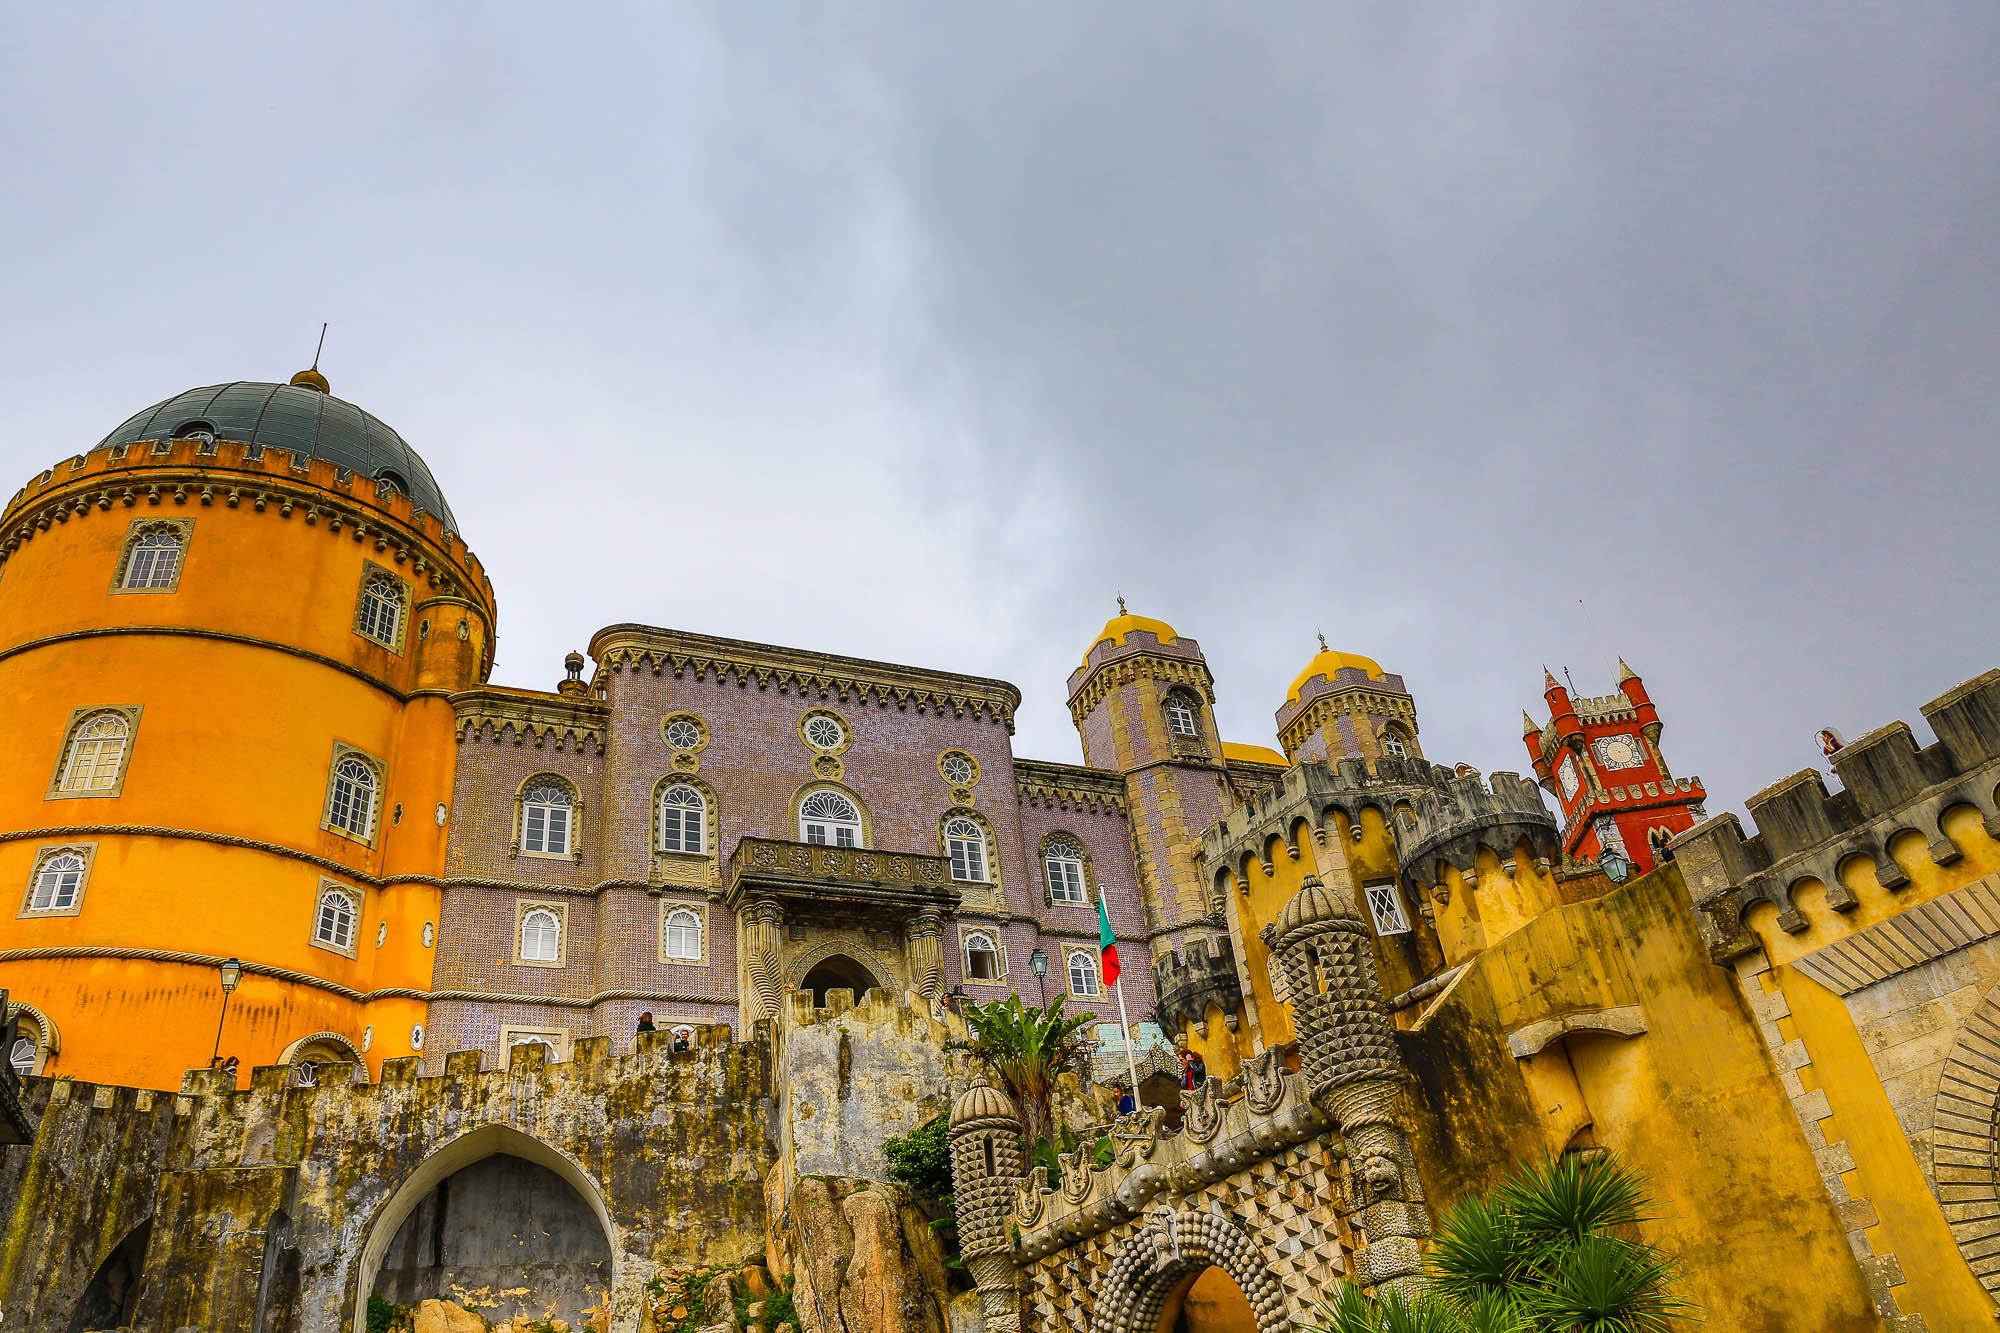 PORTUGAL-2012-jusmedic-#556